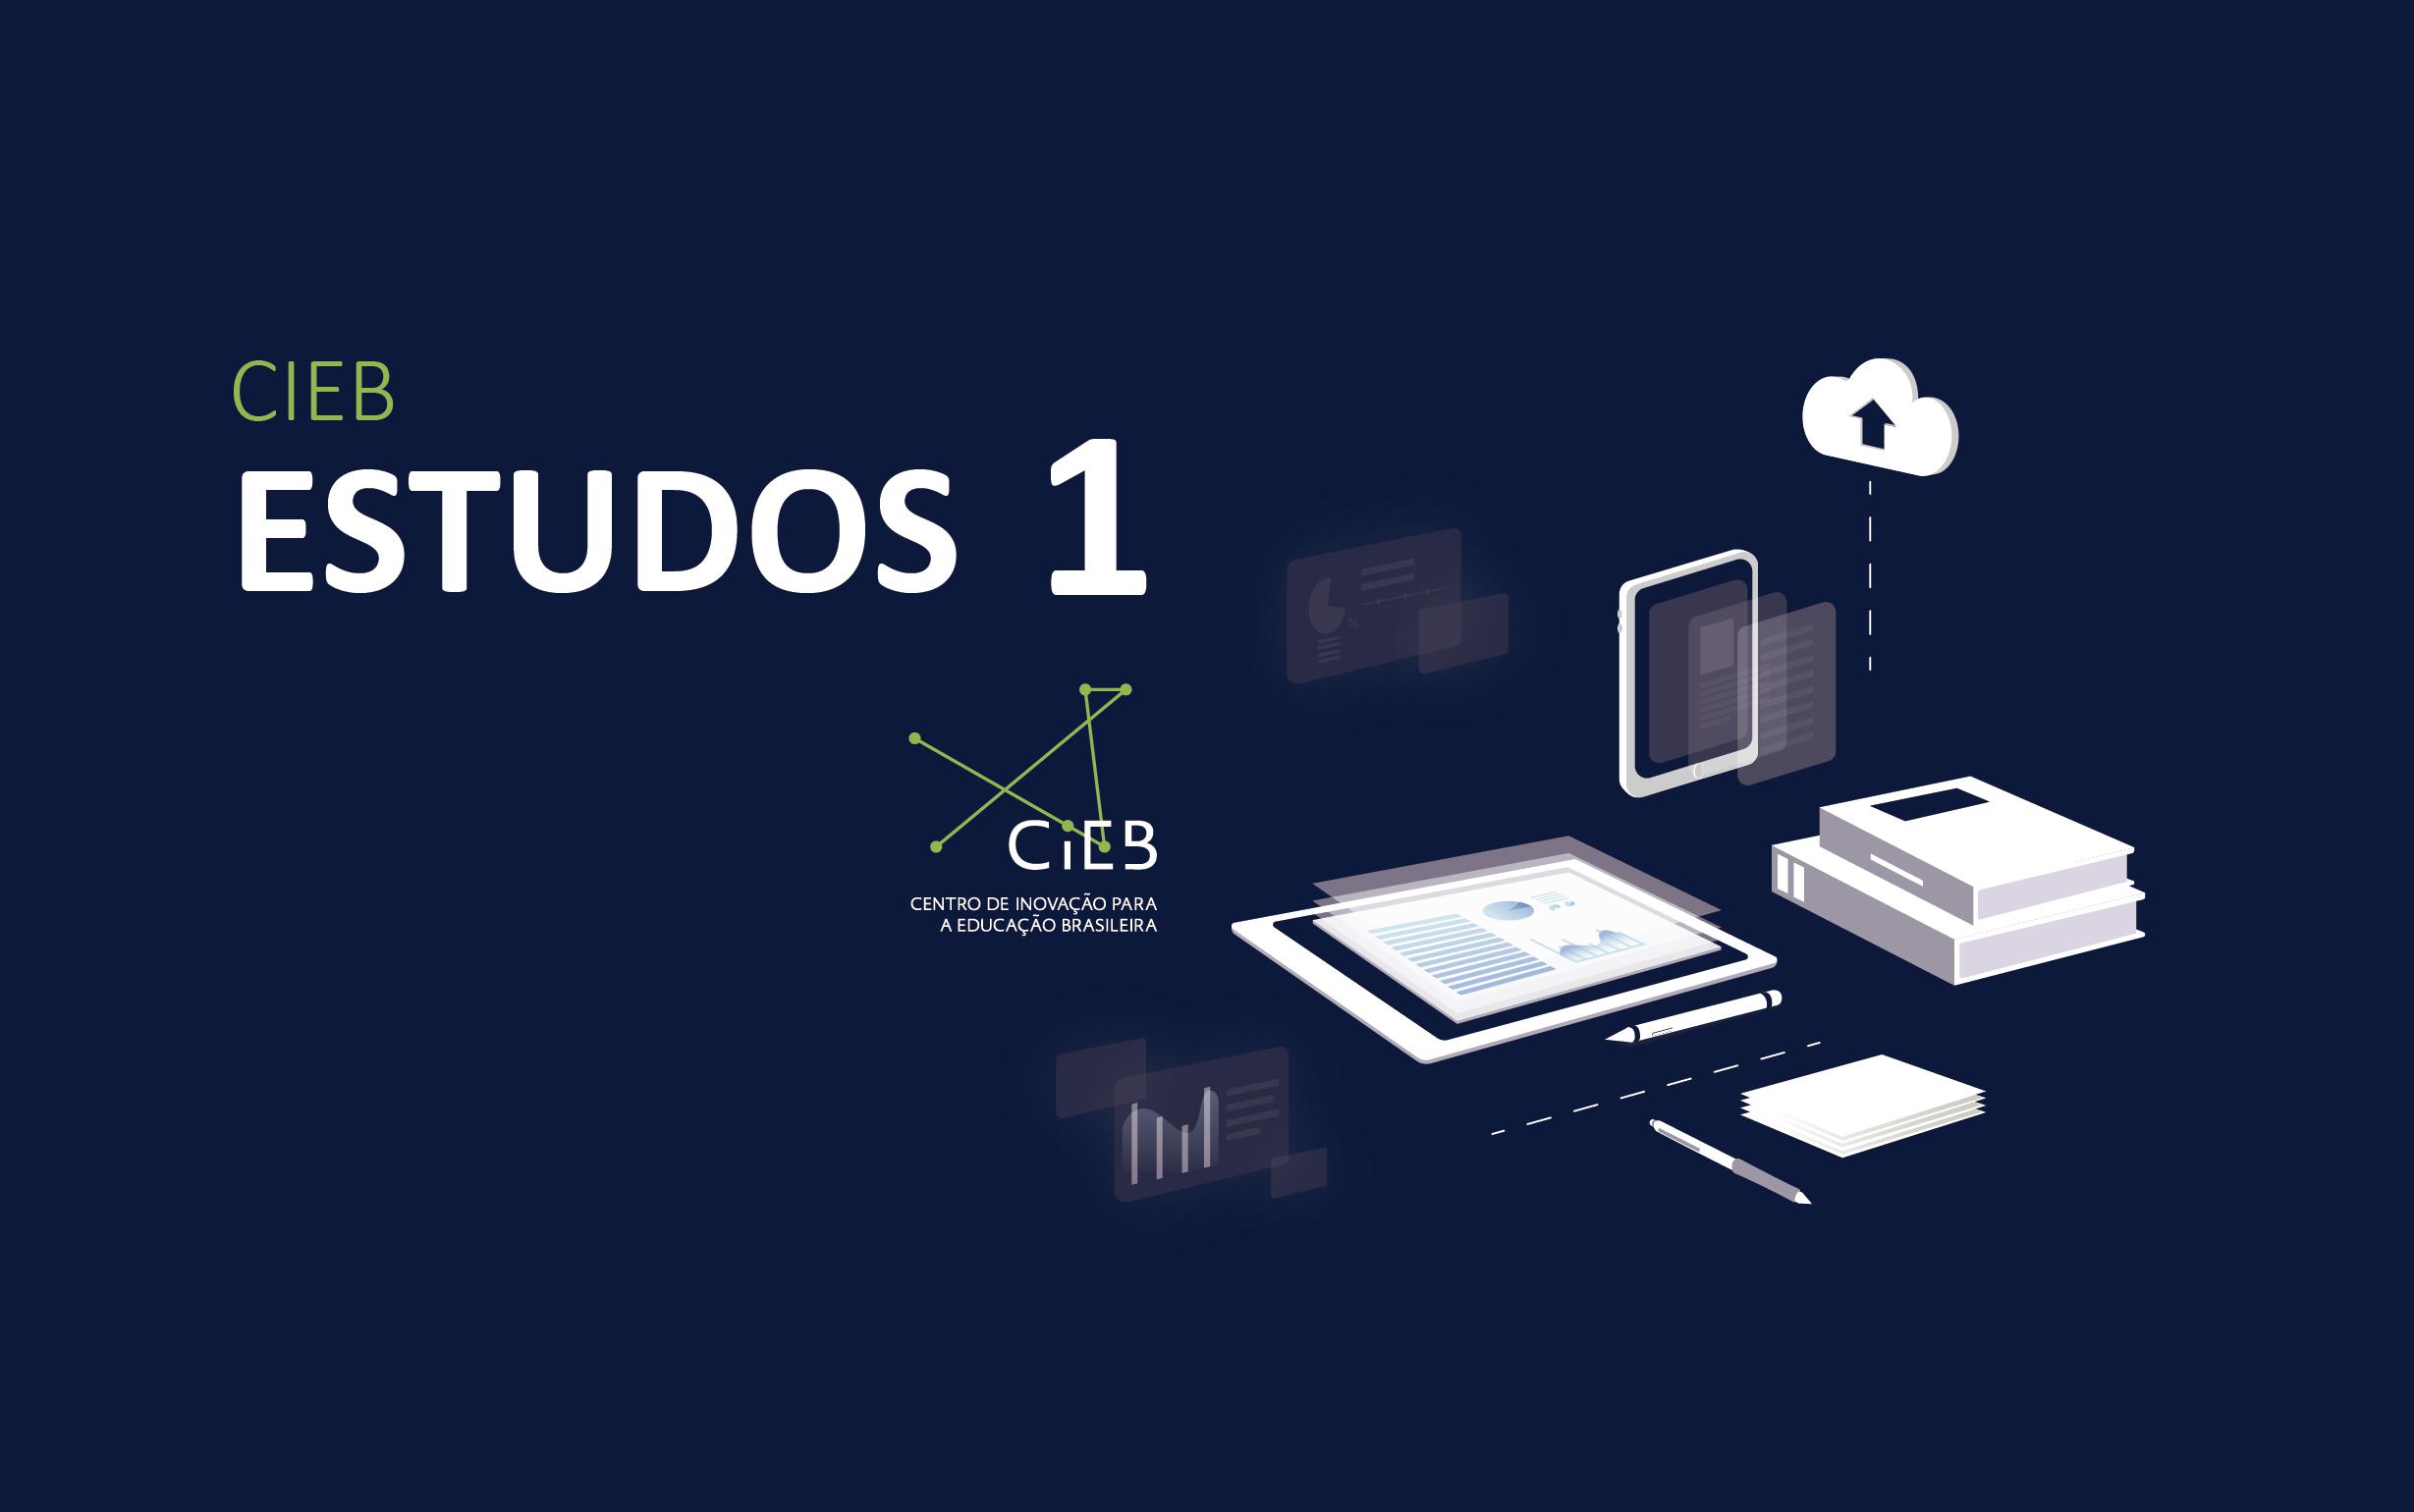 Aquisição de Tecnologia Educacional pelo Setor Público: entraves e caminhos para estimular o ecossistema de inovação no Brasil